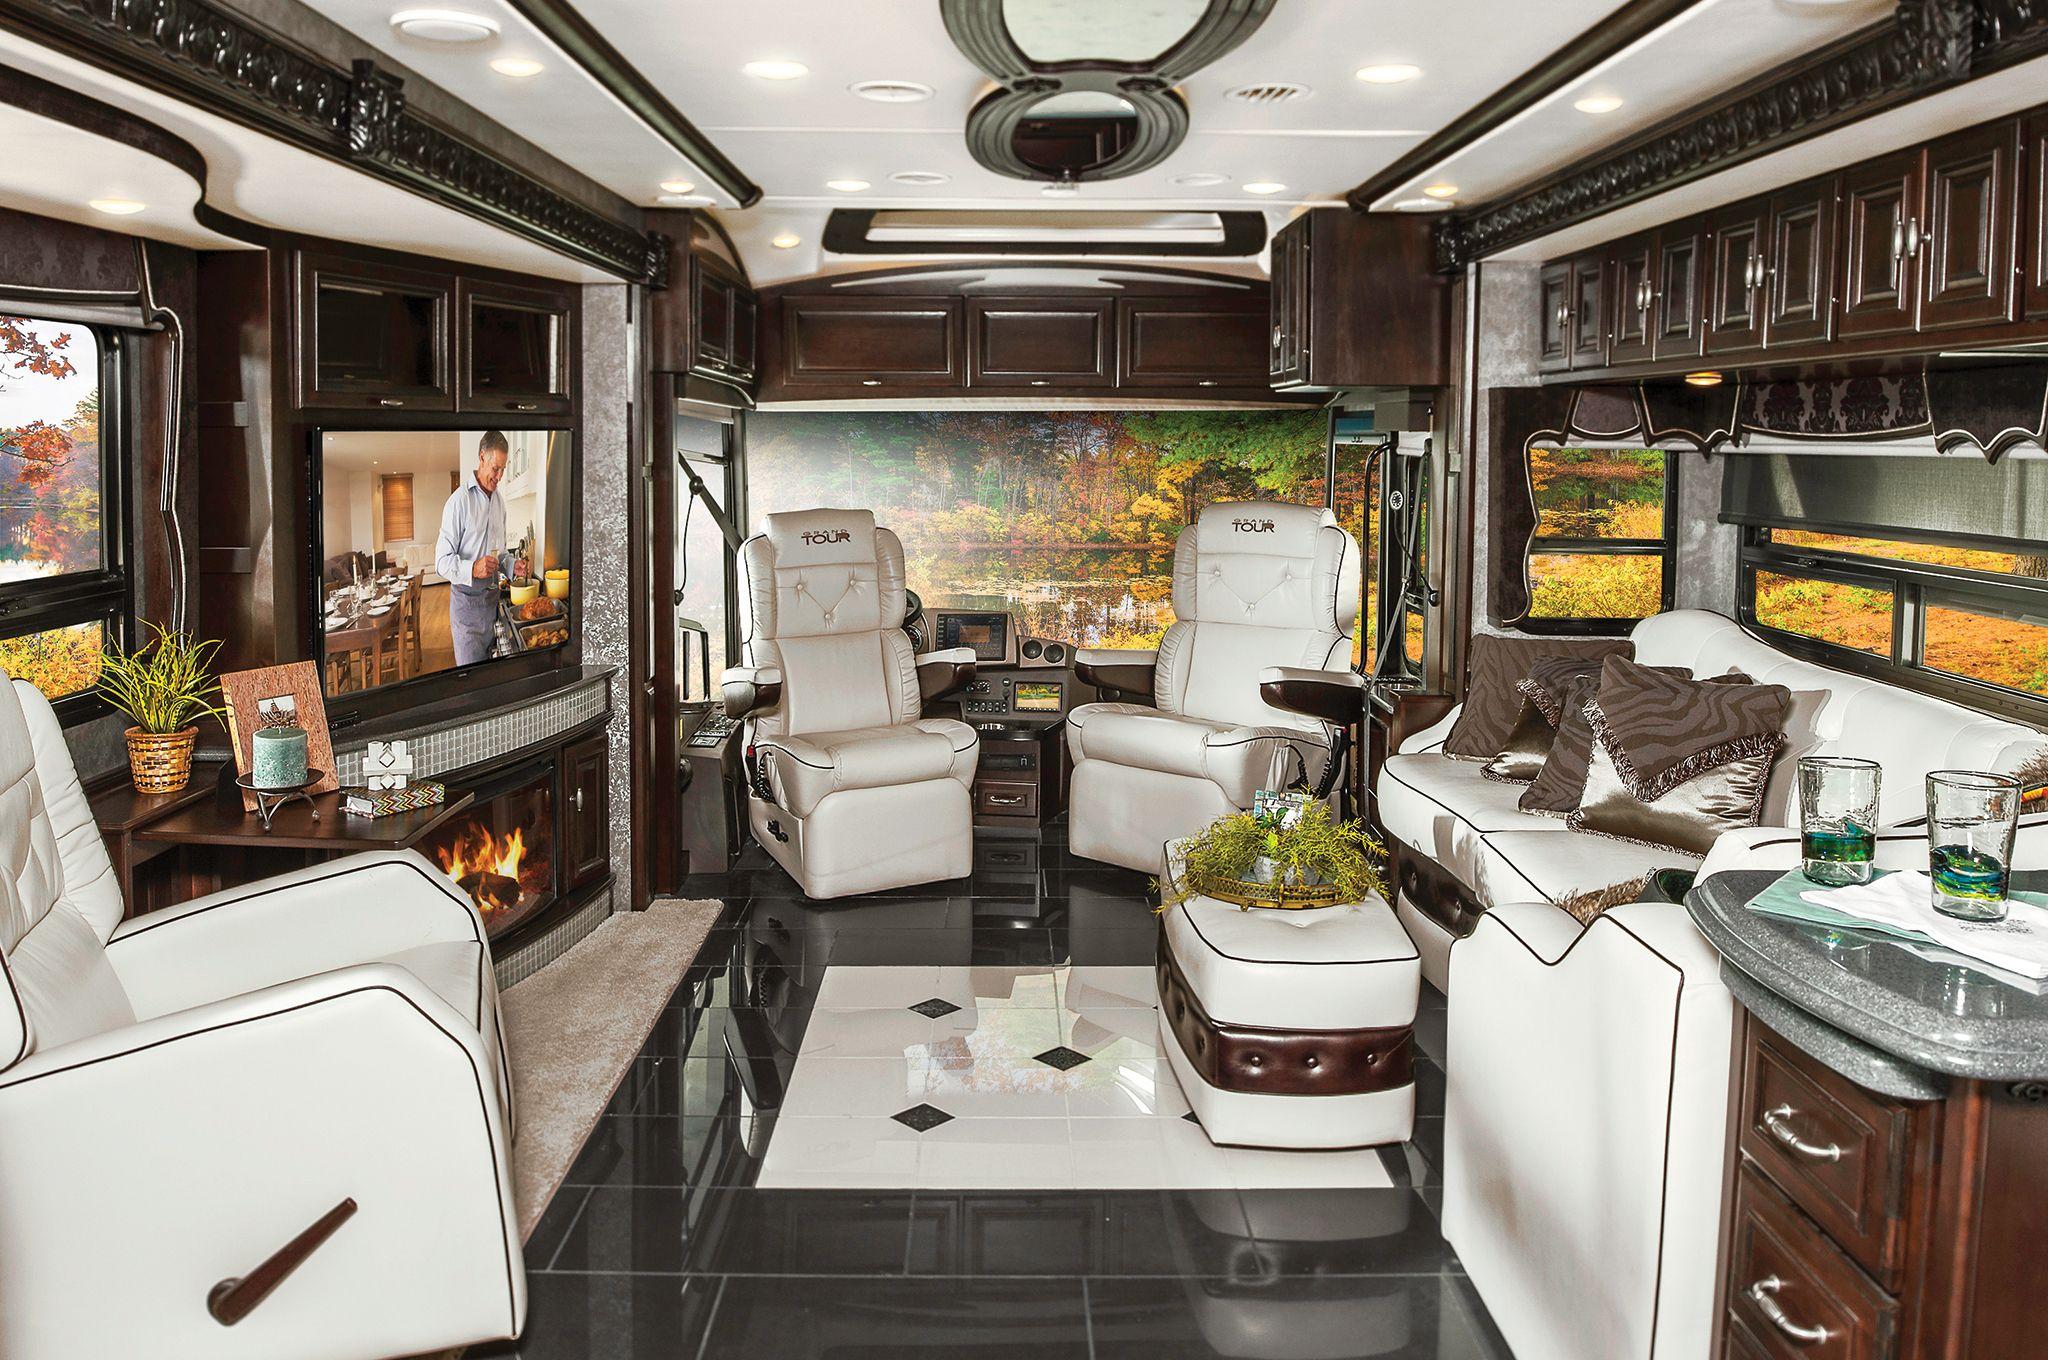 Breathtaking Class B Rv Interior Design Modifications Rv